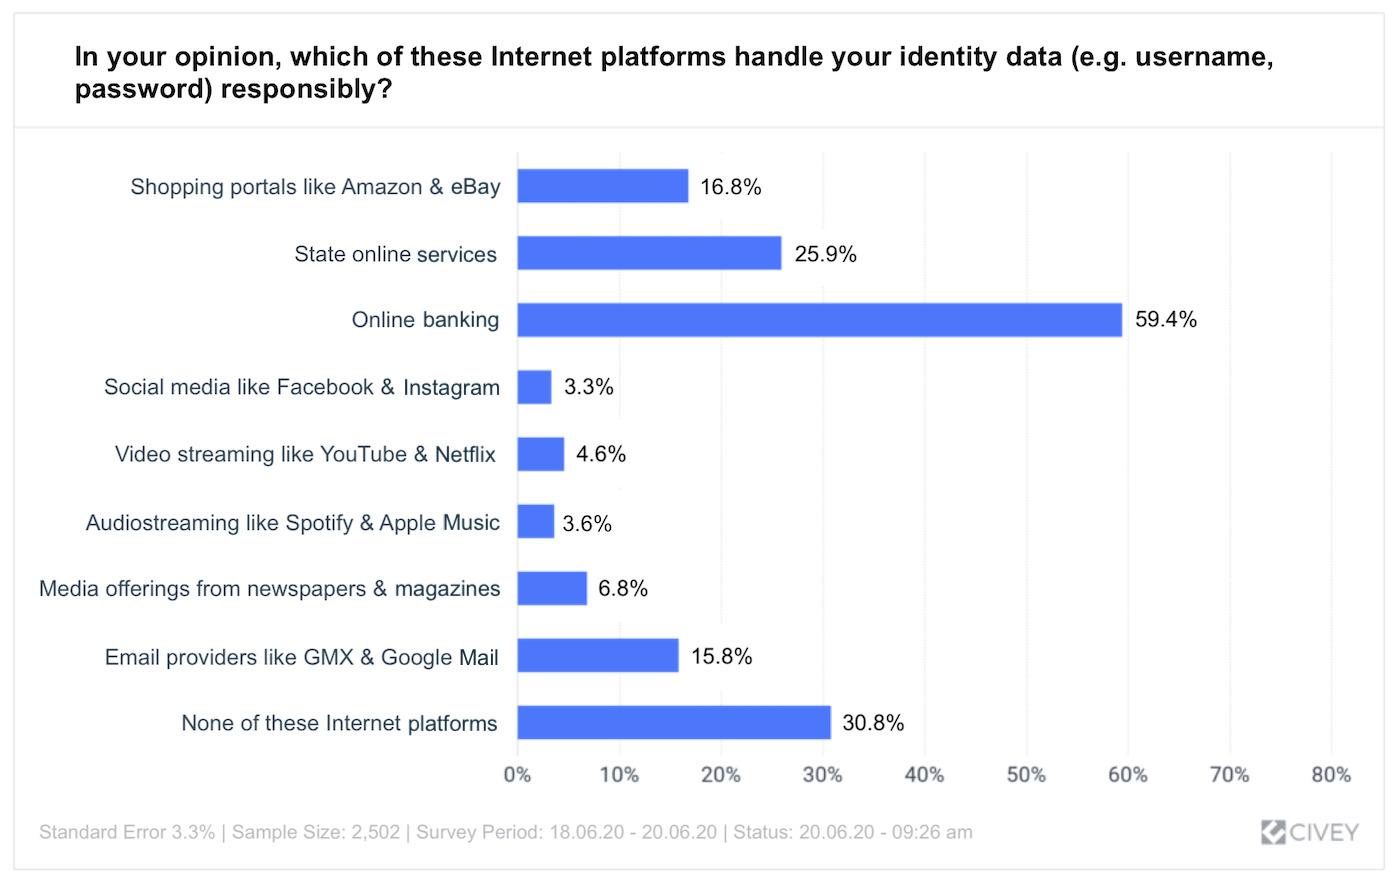 Trust in Internet platforms